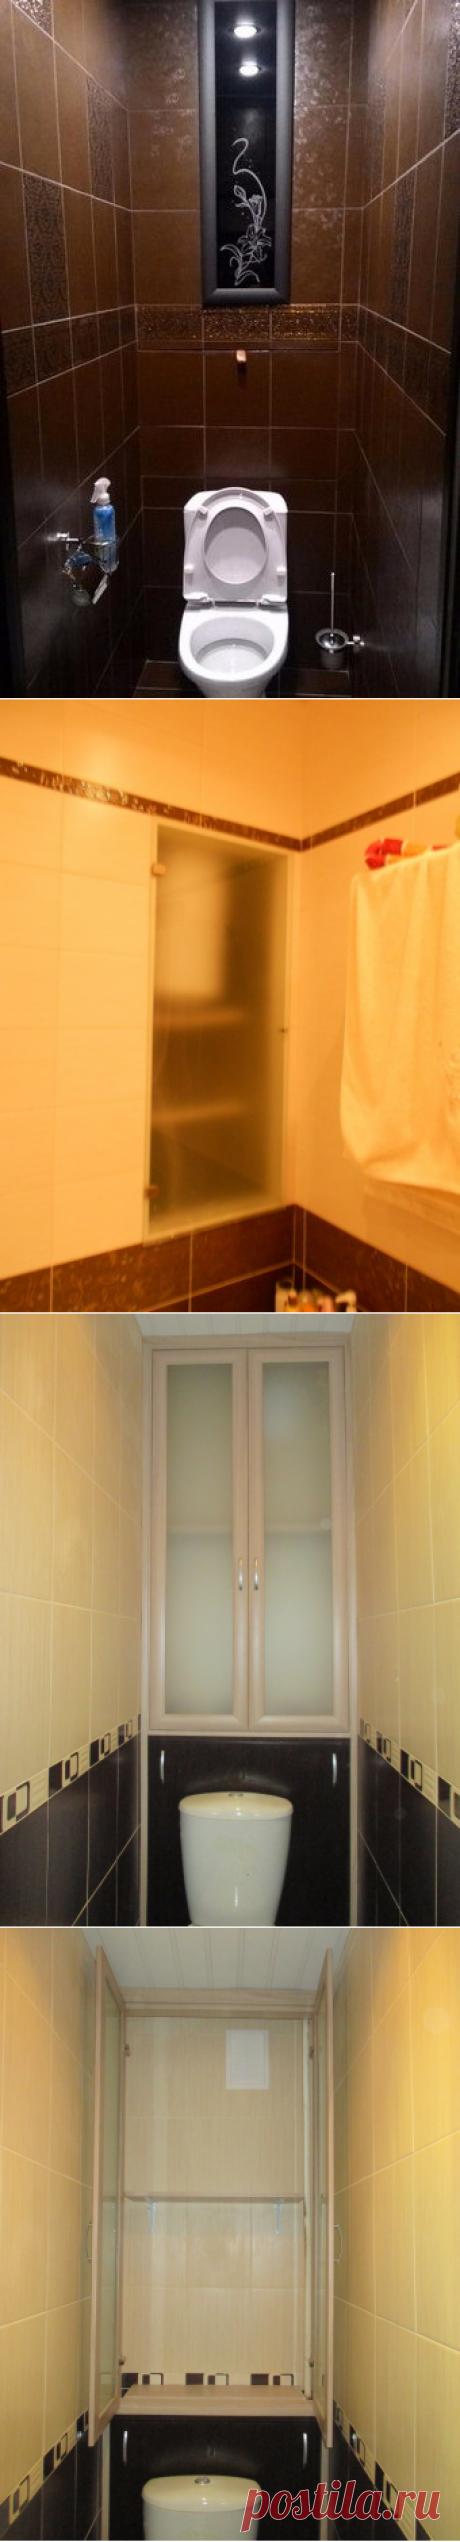 Шкафчик в туалет с матовым стеклом, Шкаф в туалет со стеклом | Феникс